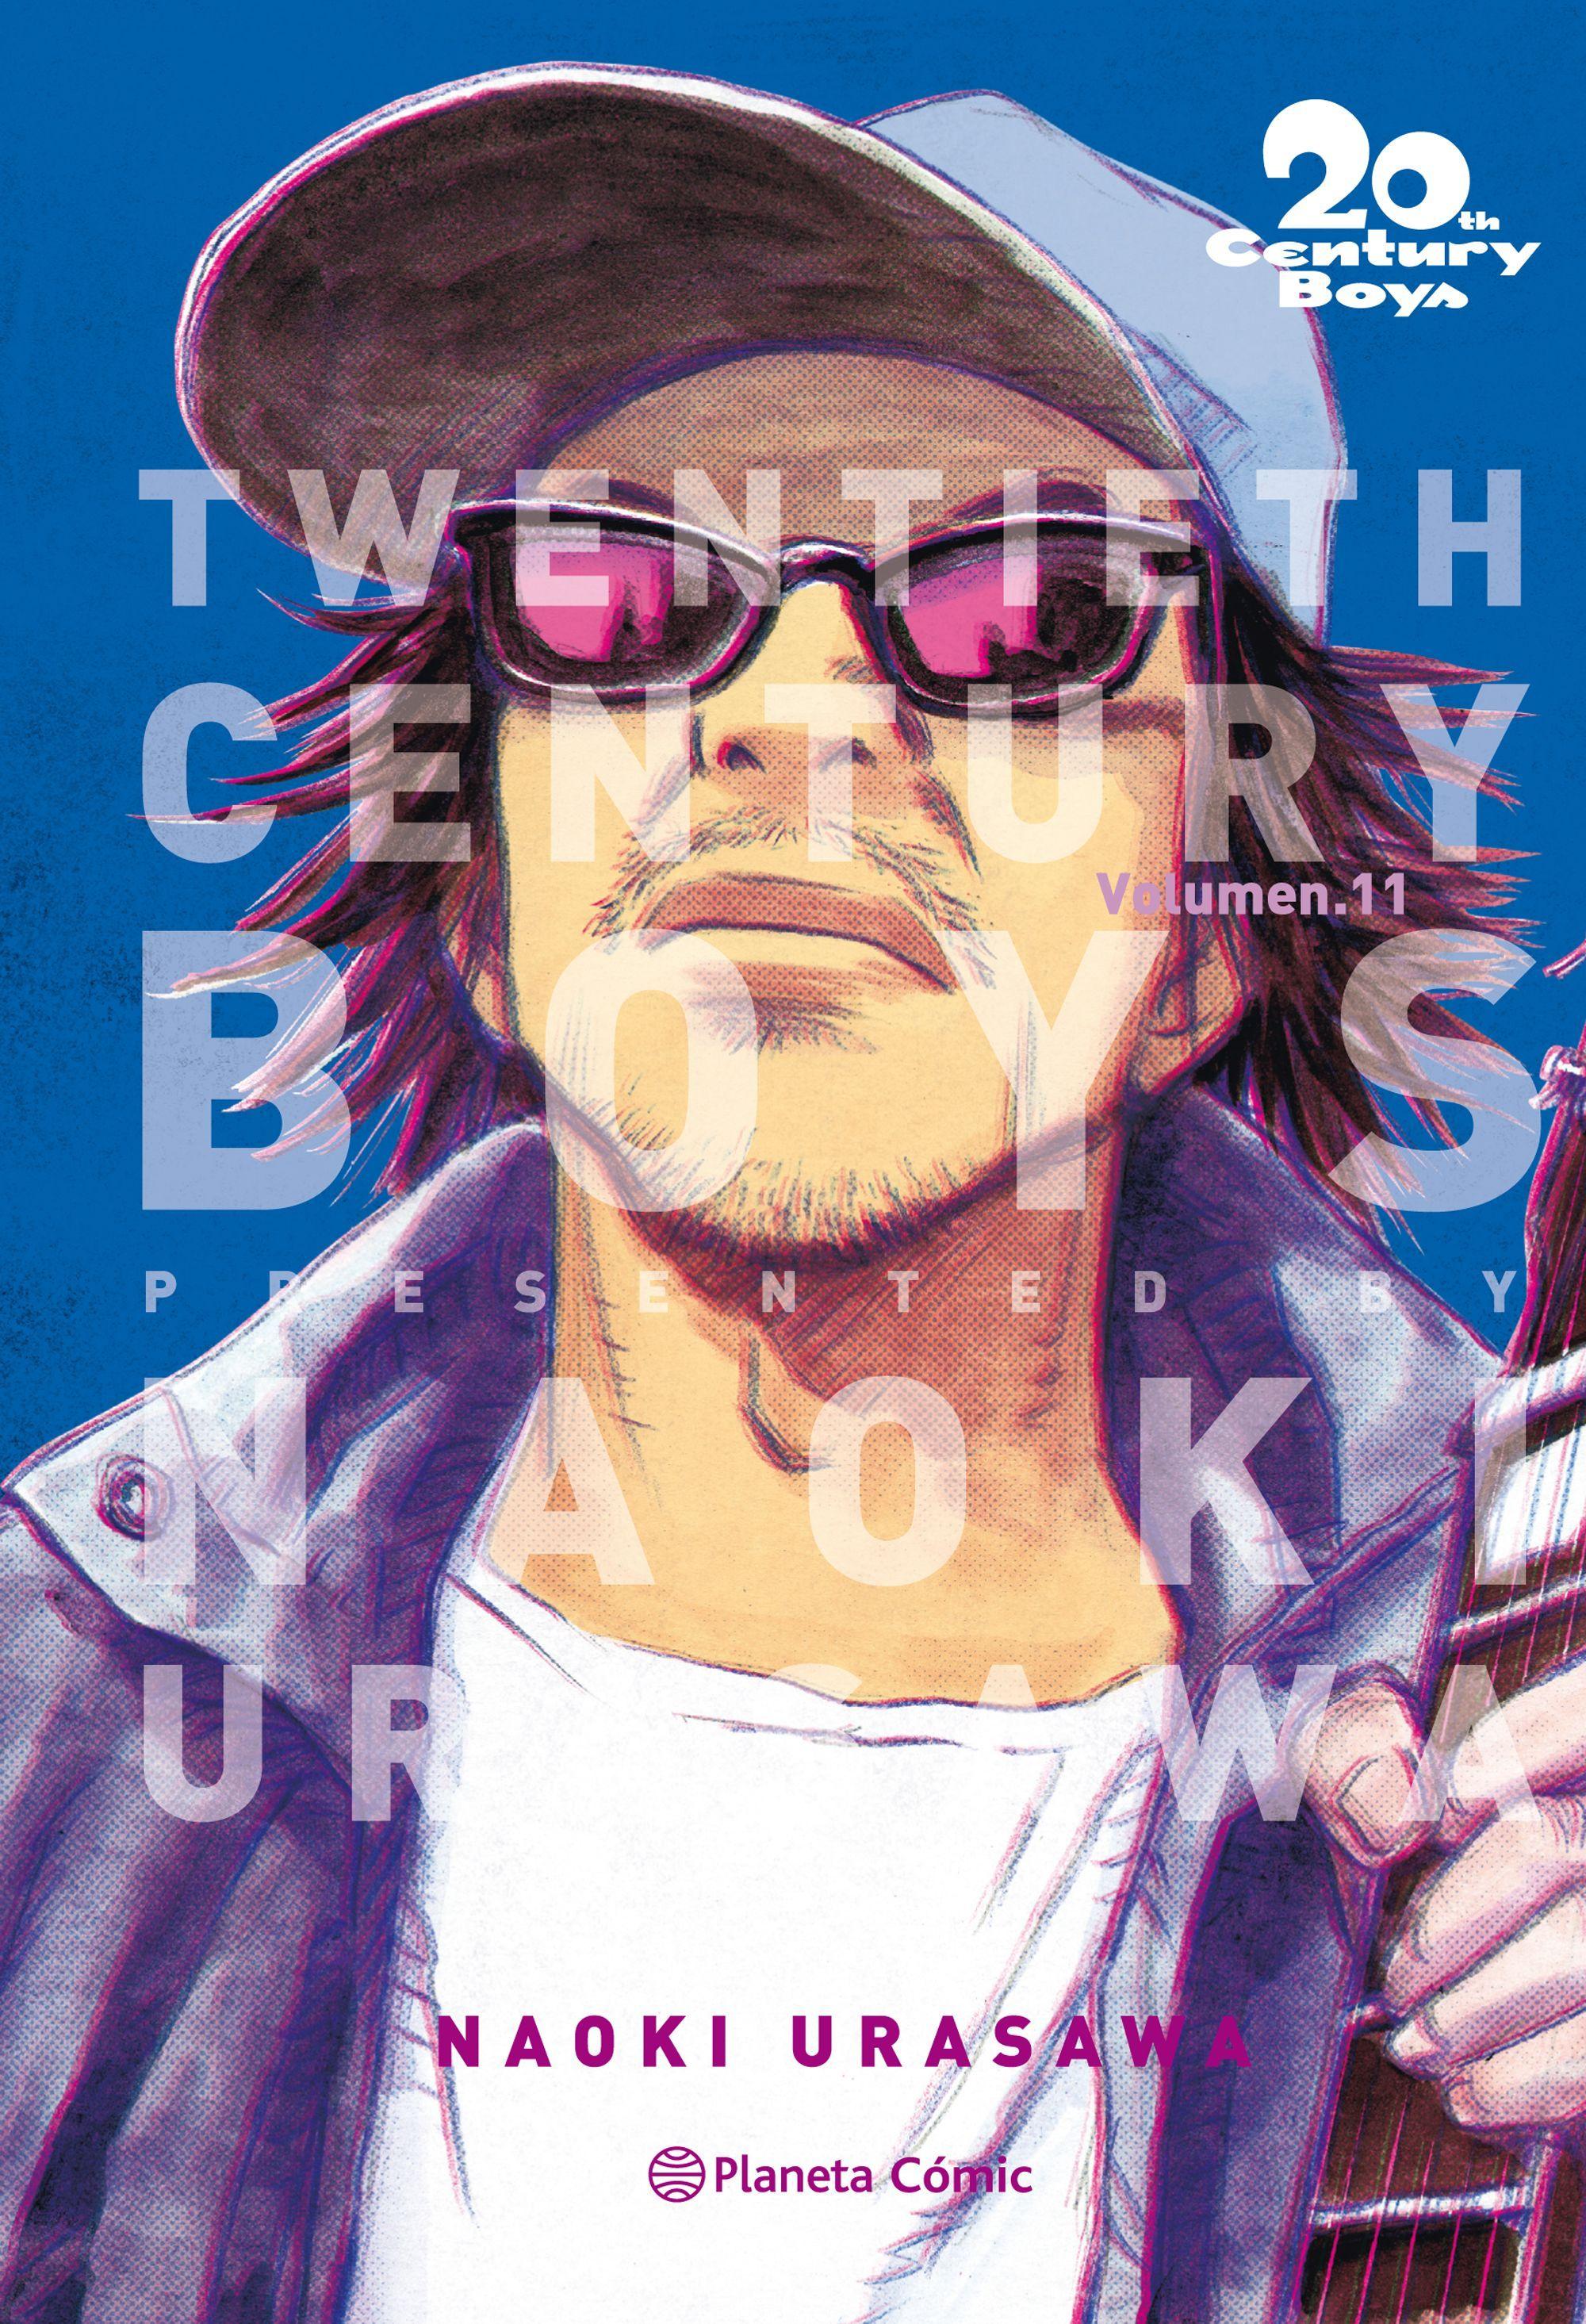 20TH CENTURY BOYS Nº 11/11 NUEVO EDICION